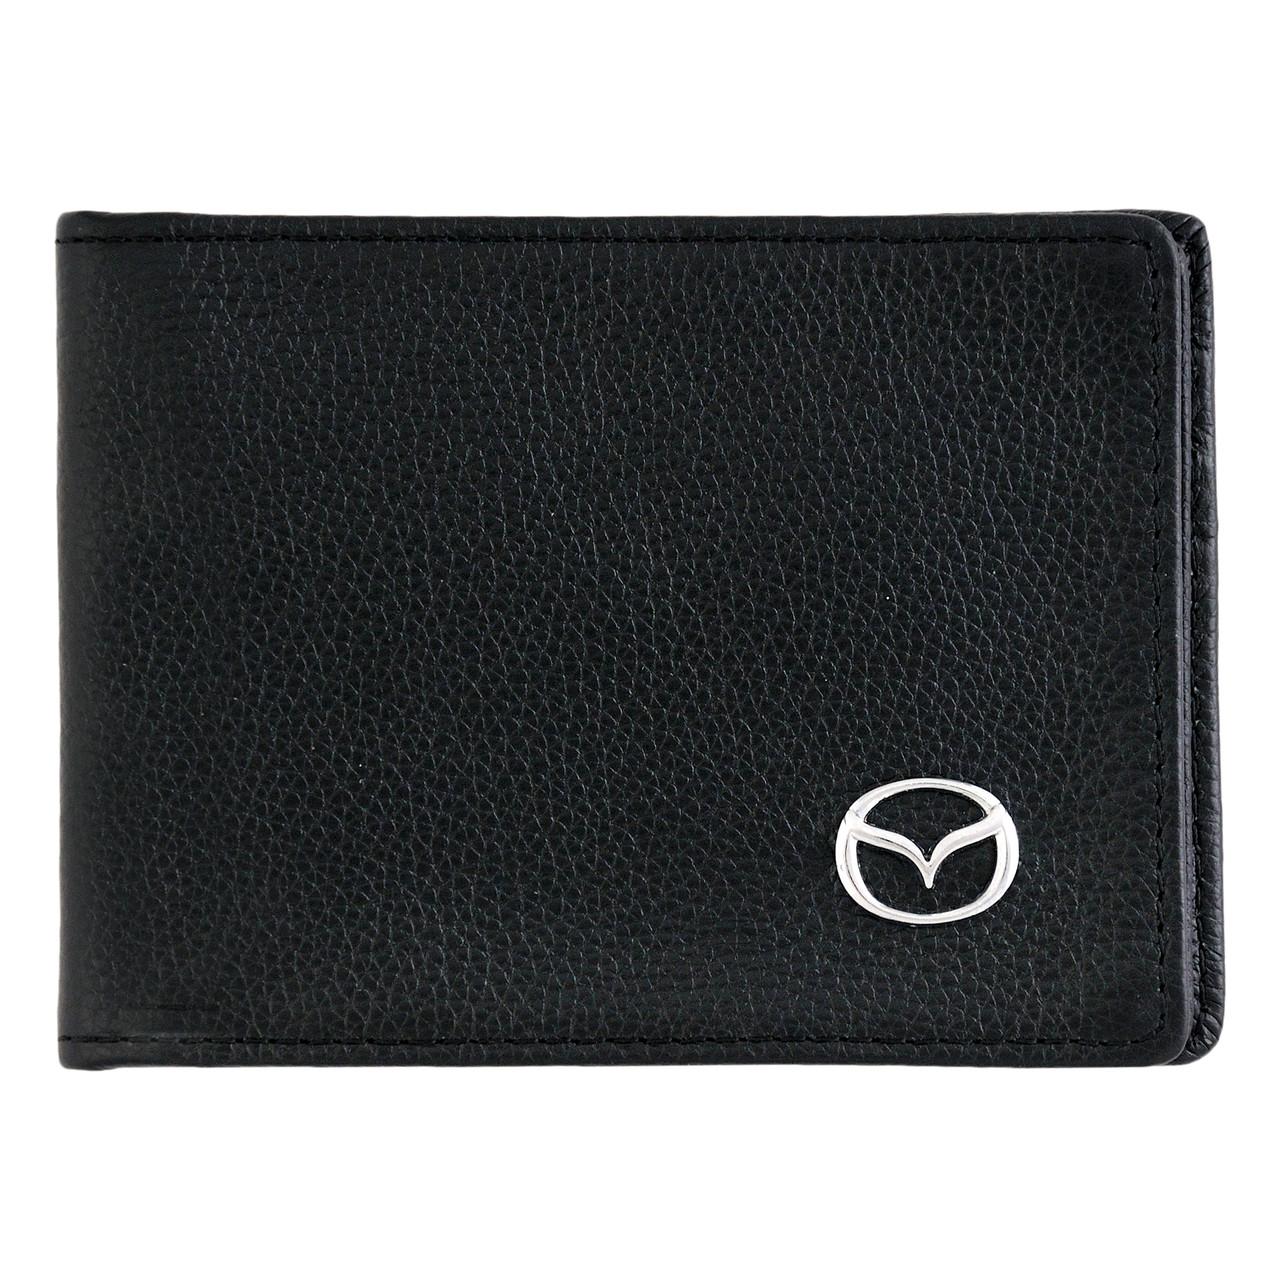 Кожаный бумажник двойного сложения с эмблемой MAZDA